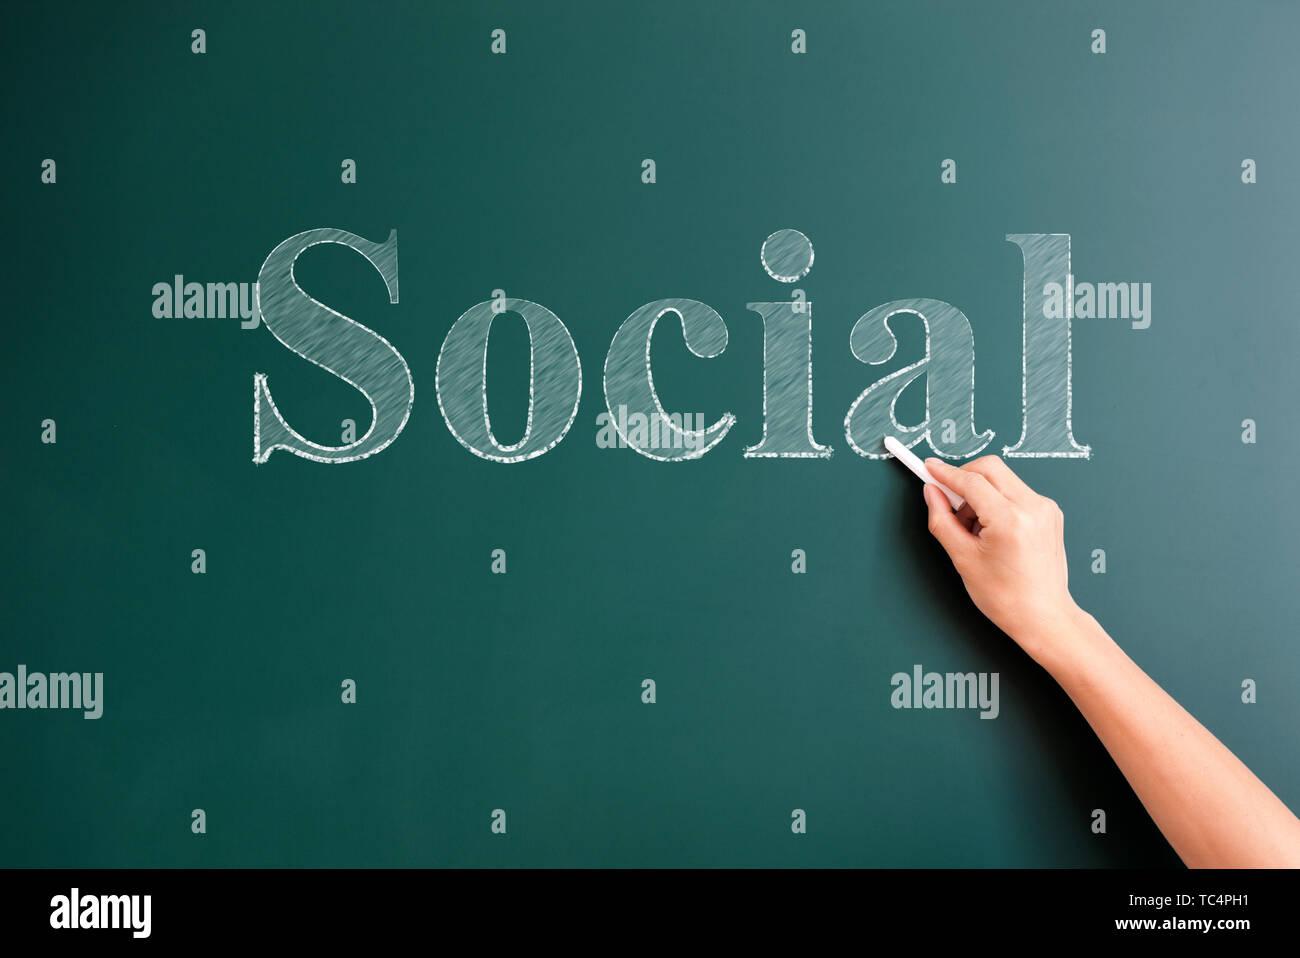 social written on blackboard - Stock Image